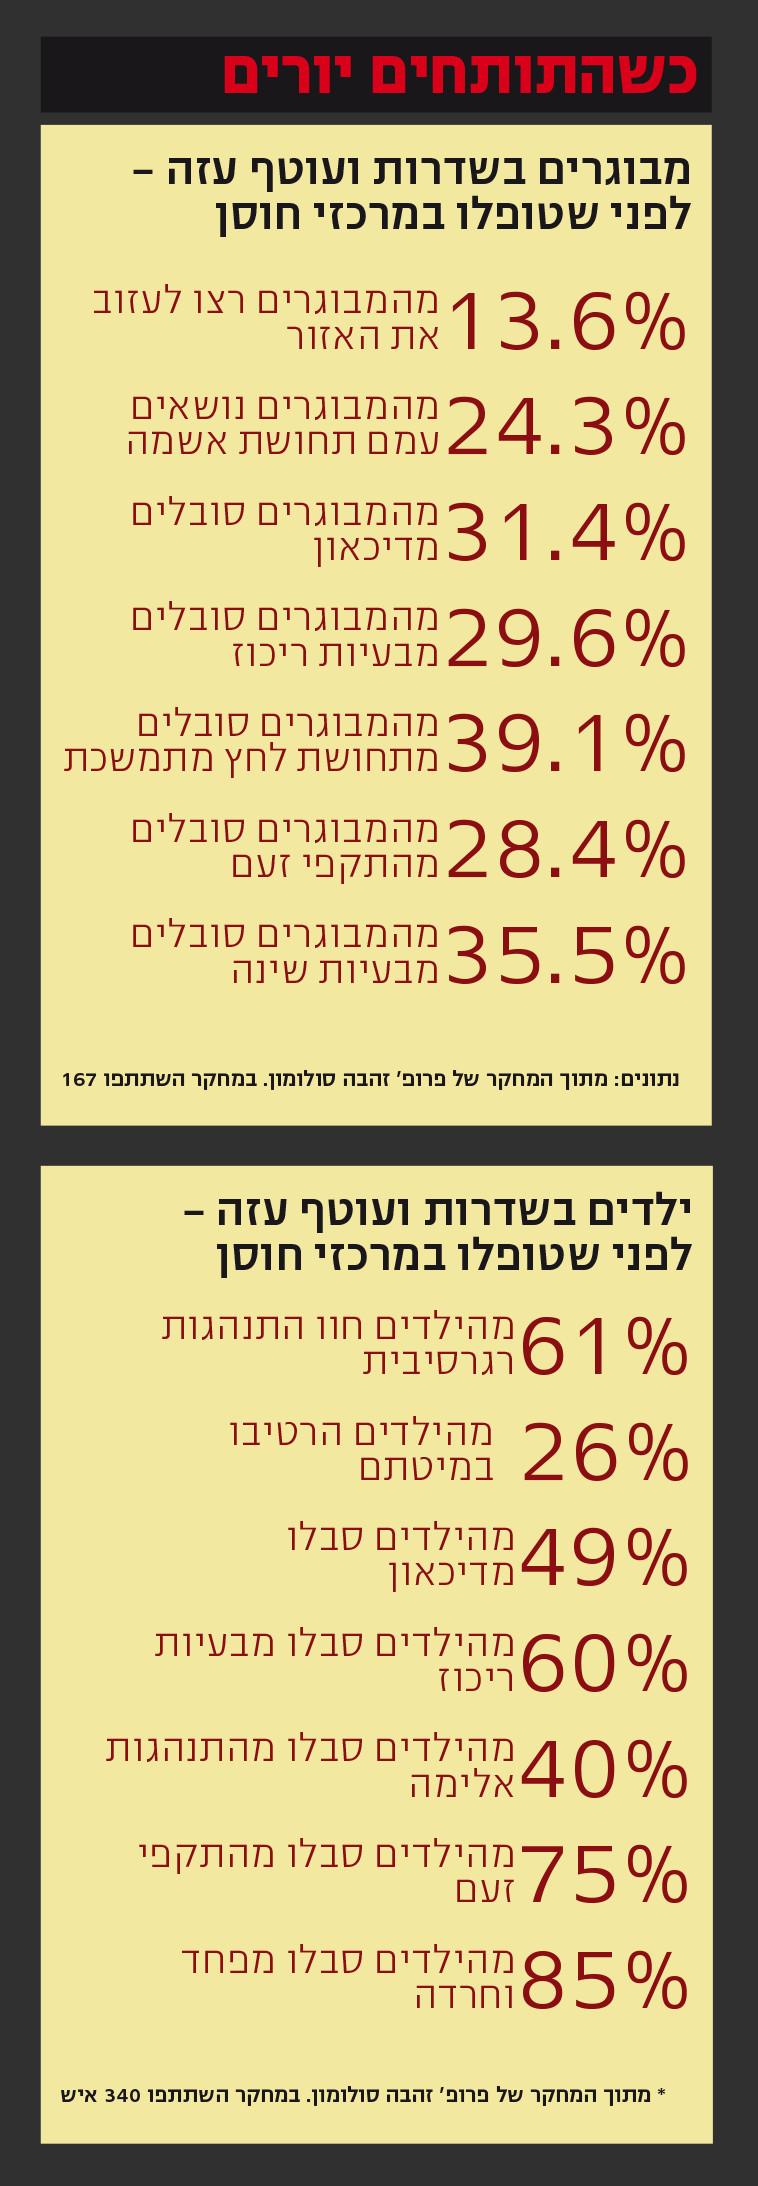 נתונים סטטיסטיים